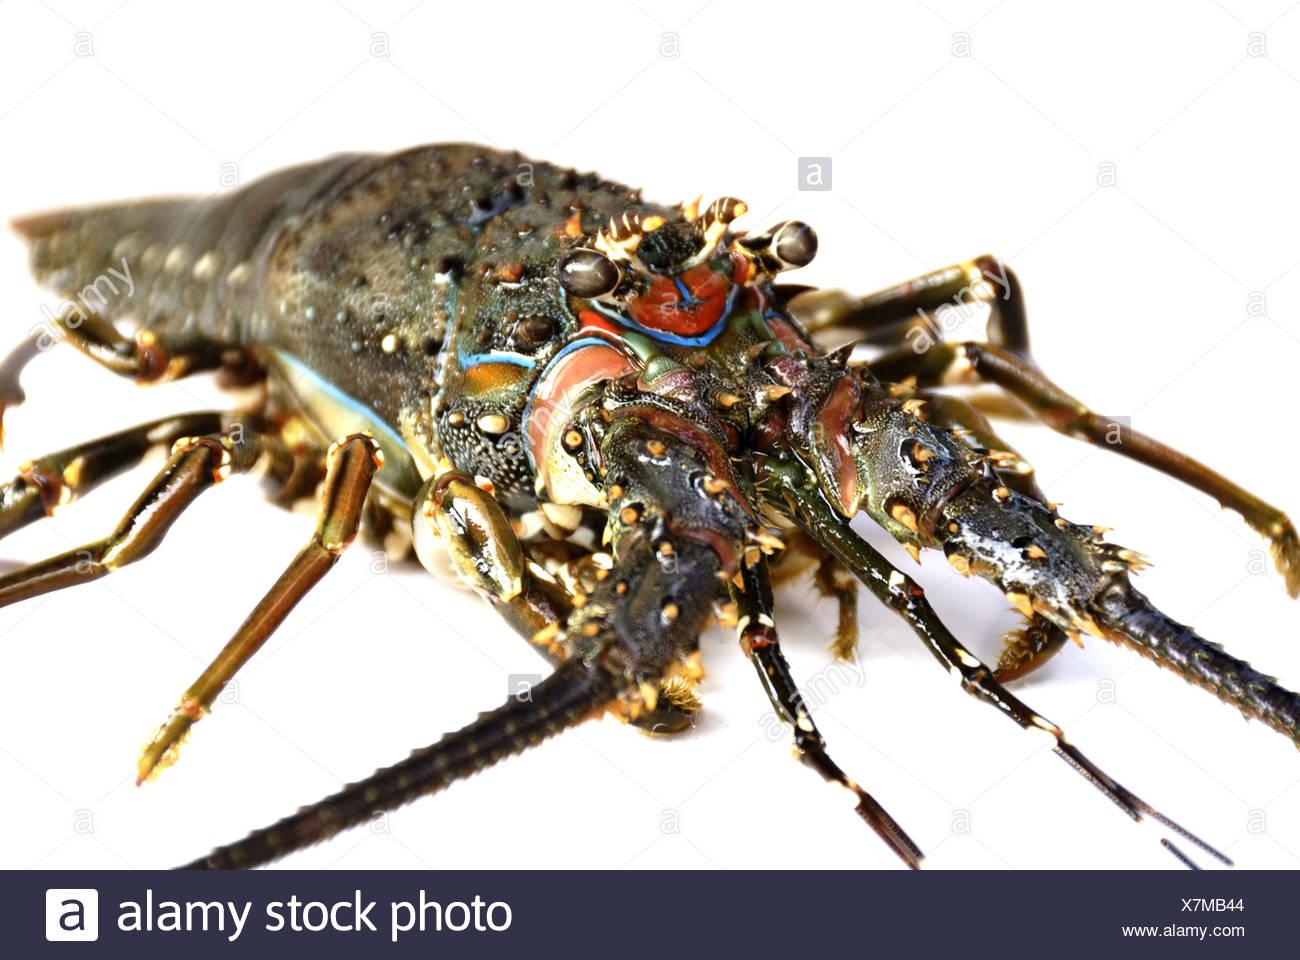 Indonesischer Jung-Lobster (kleiner Hummer) - Stock Image